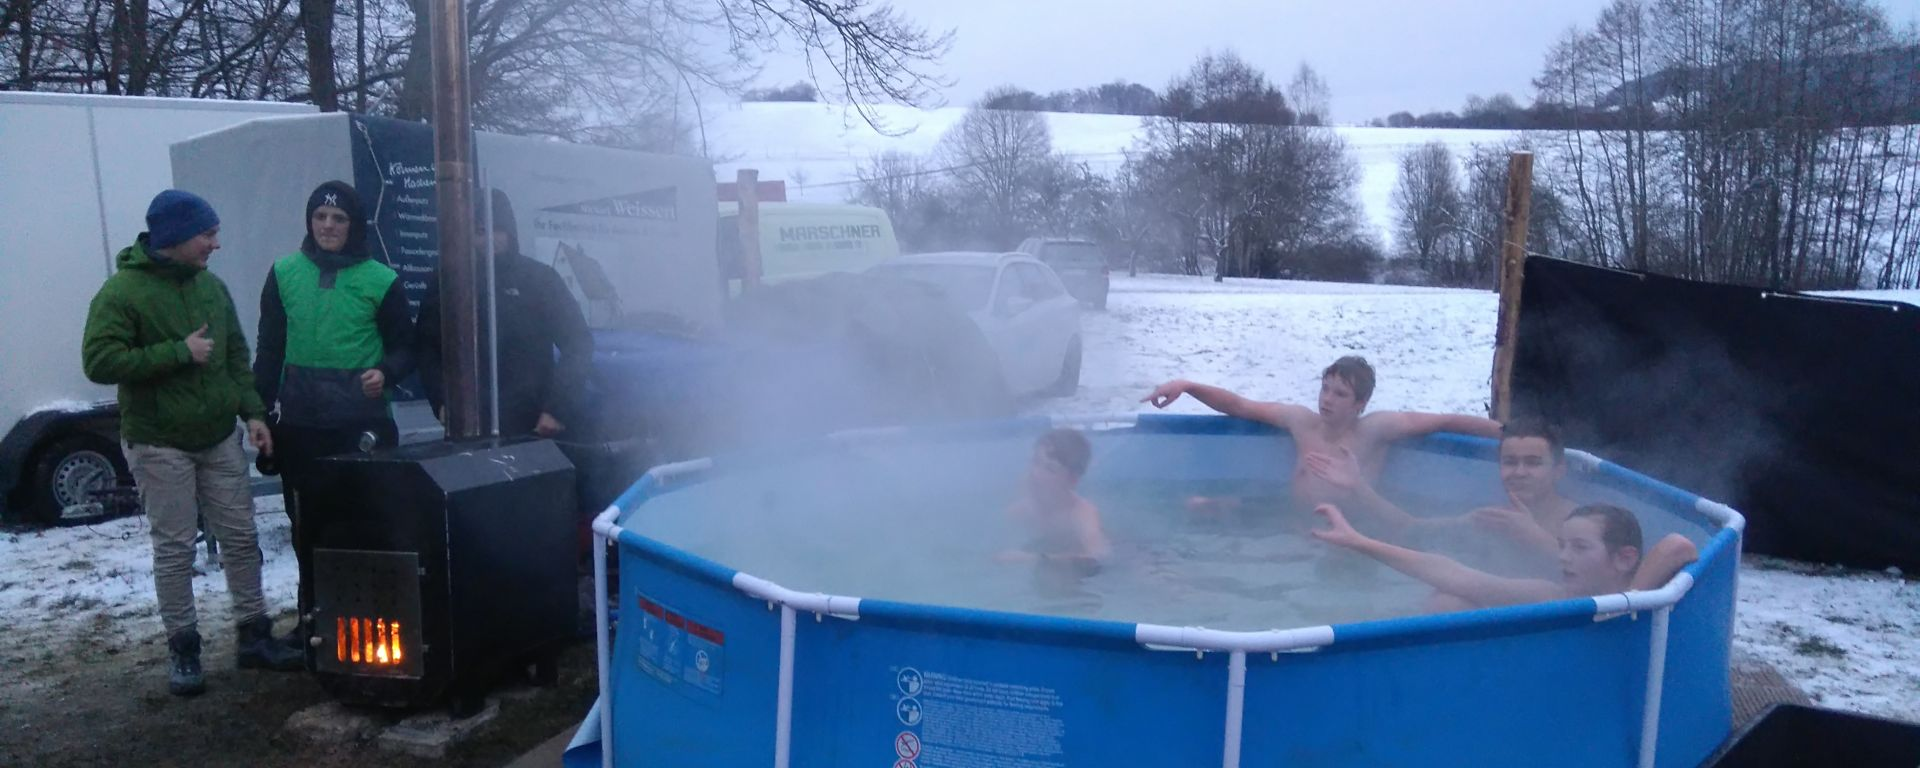 Beheizter Pool auf dem Wintercamp